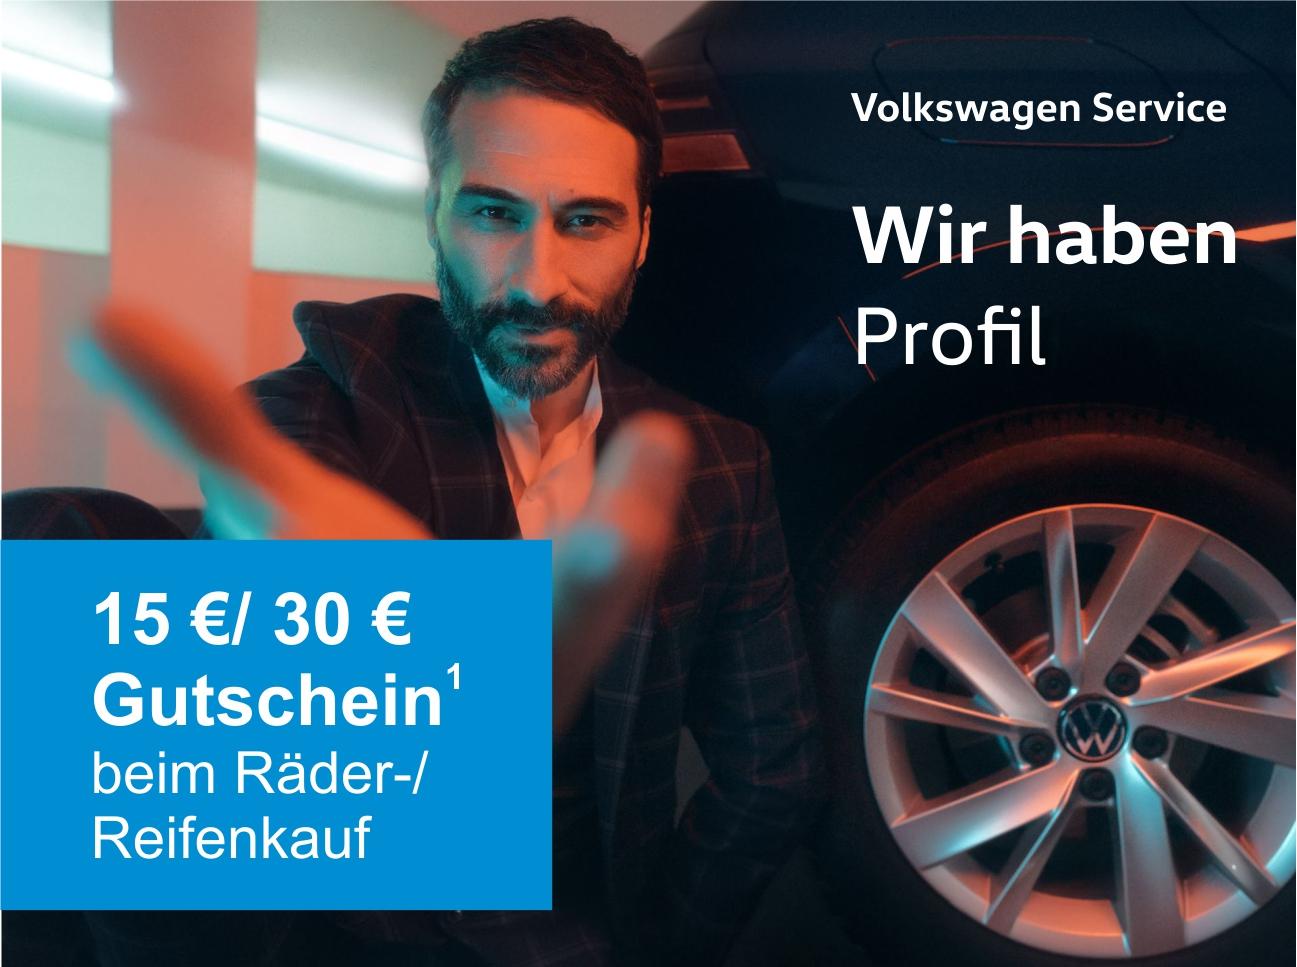 Image for Jetzt Service Gutschein sichern beim Räder-/Reifenkauf.